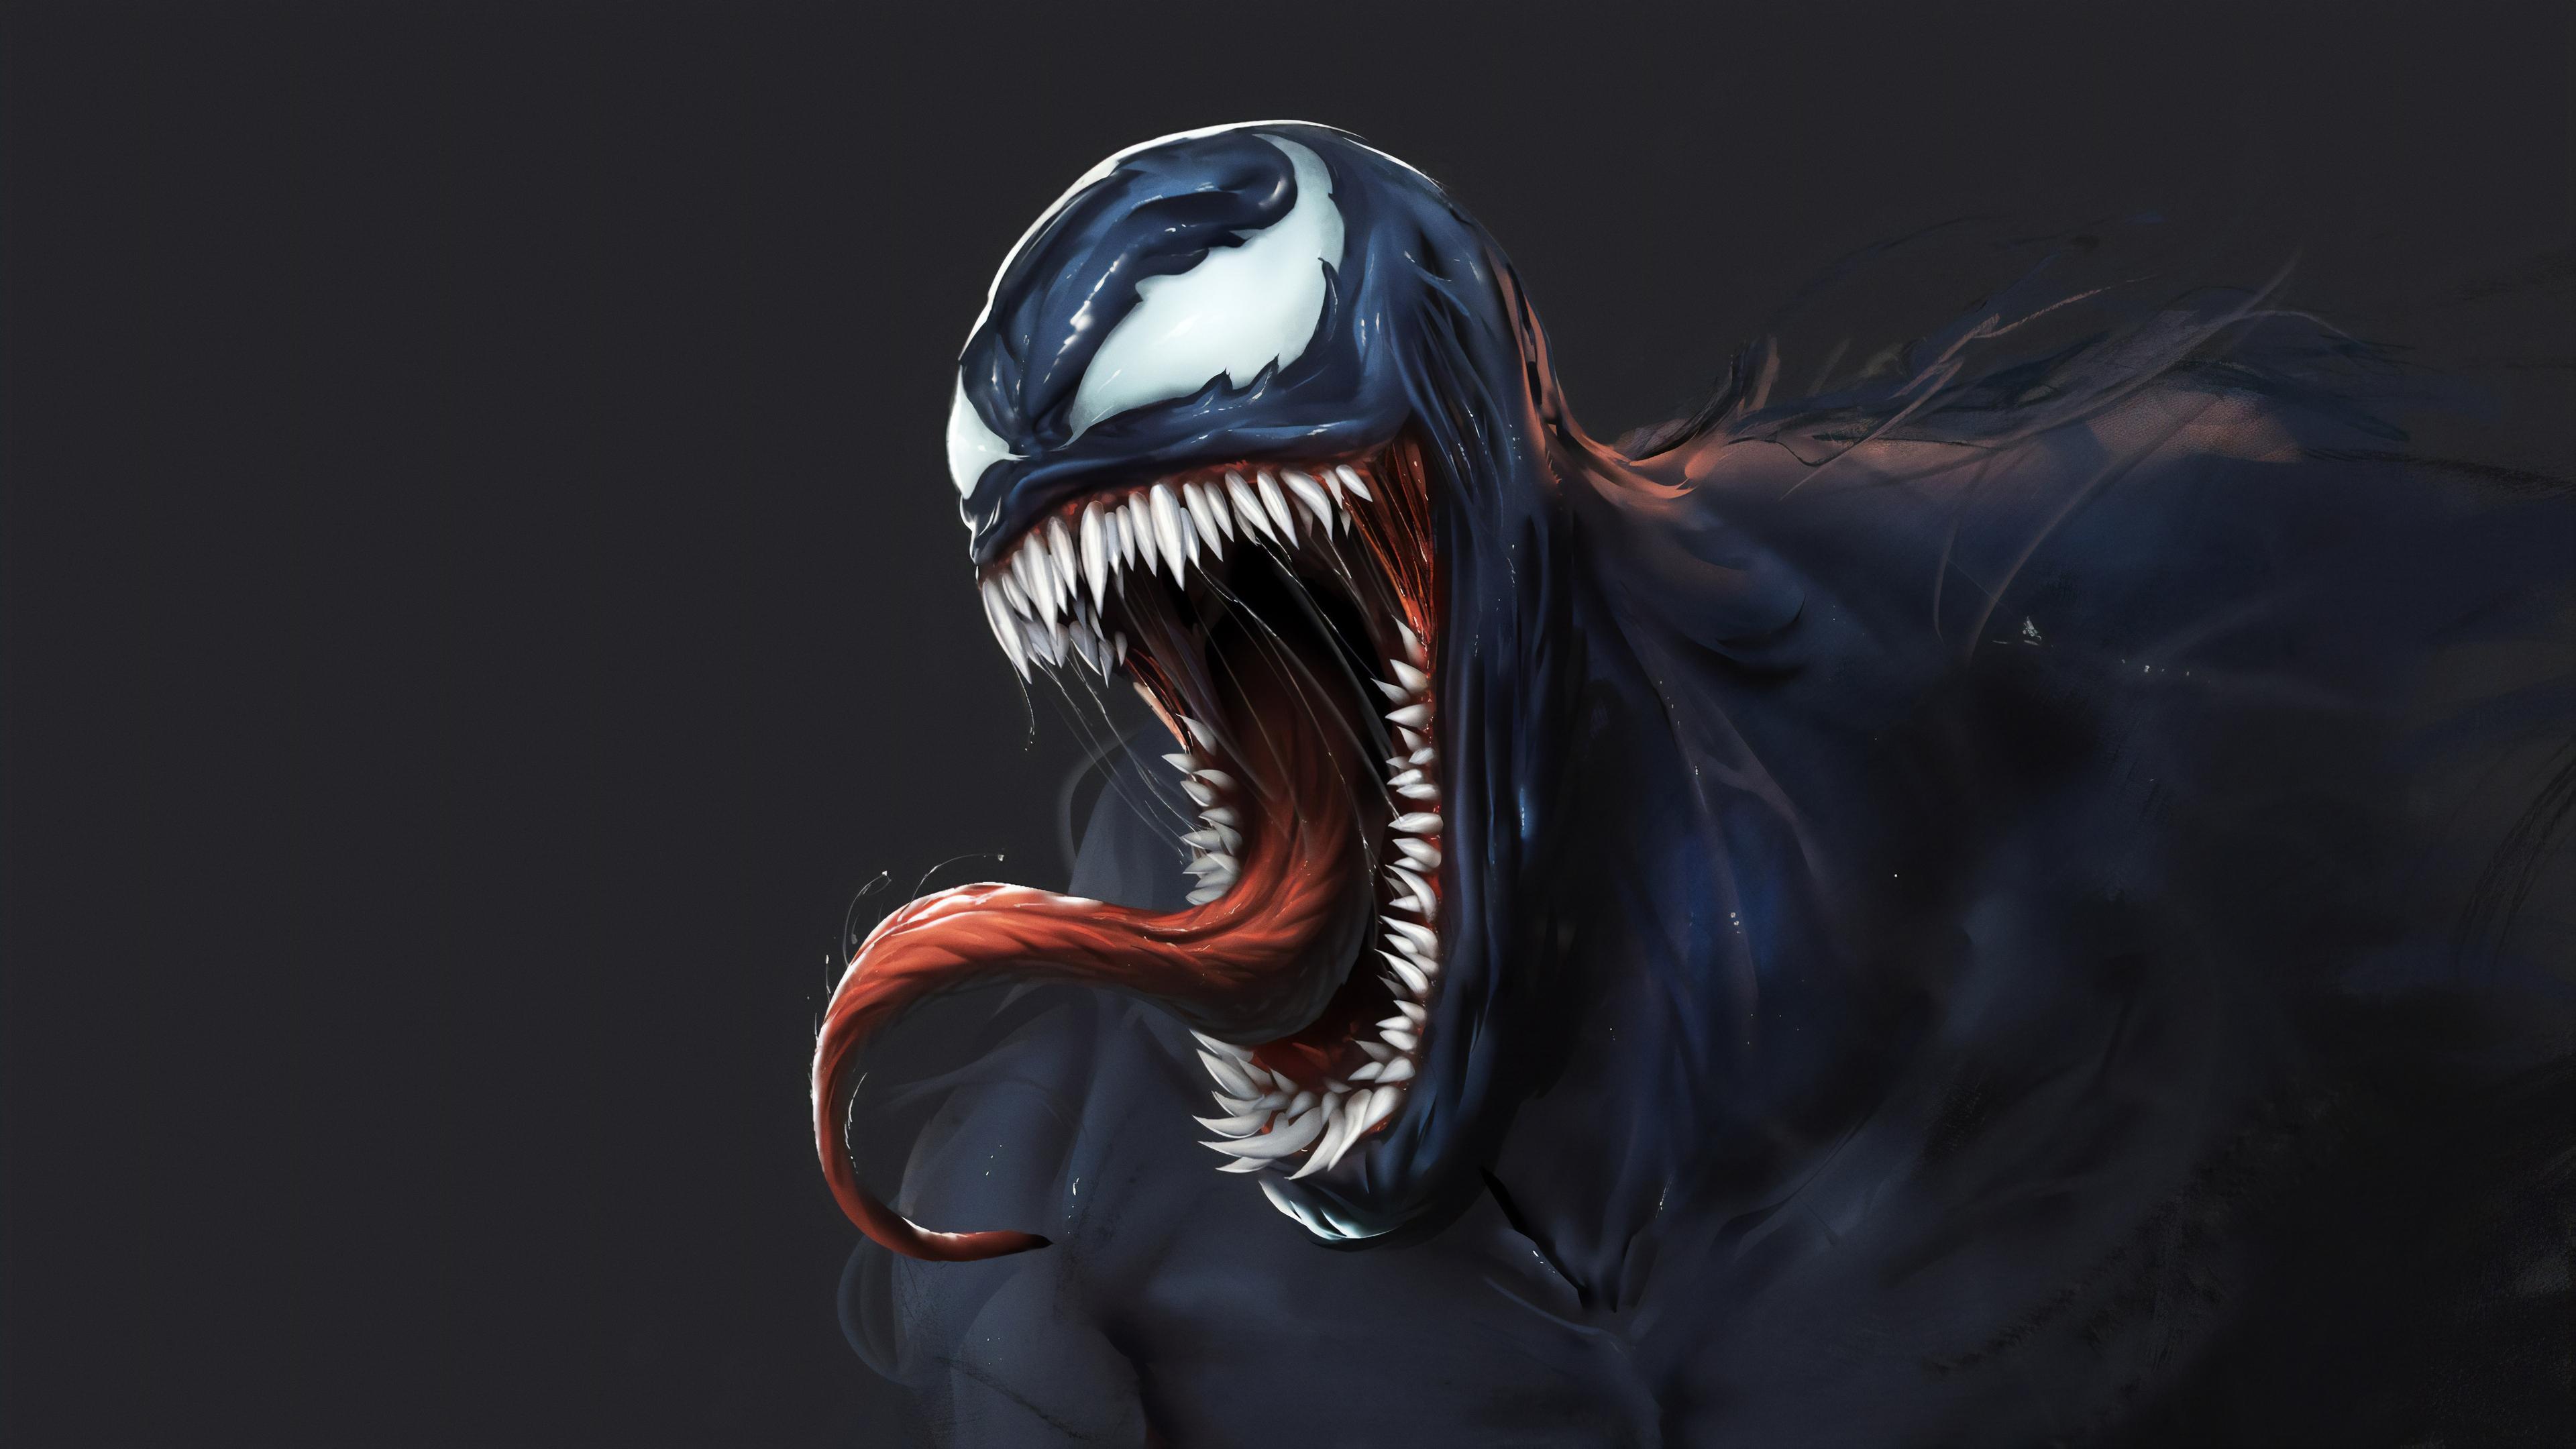 venom 4k artwork 1543620265 - Venom 4k Artwork - Venom wallpapers, superheroes wallpapers, hd-wallpapers, digital art wallpapers, artwork wallpapers, artist wallpapers, 4k-wallpapers